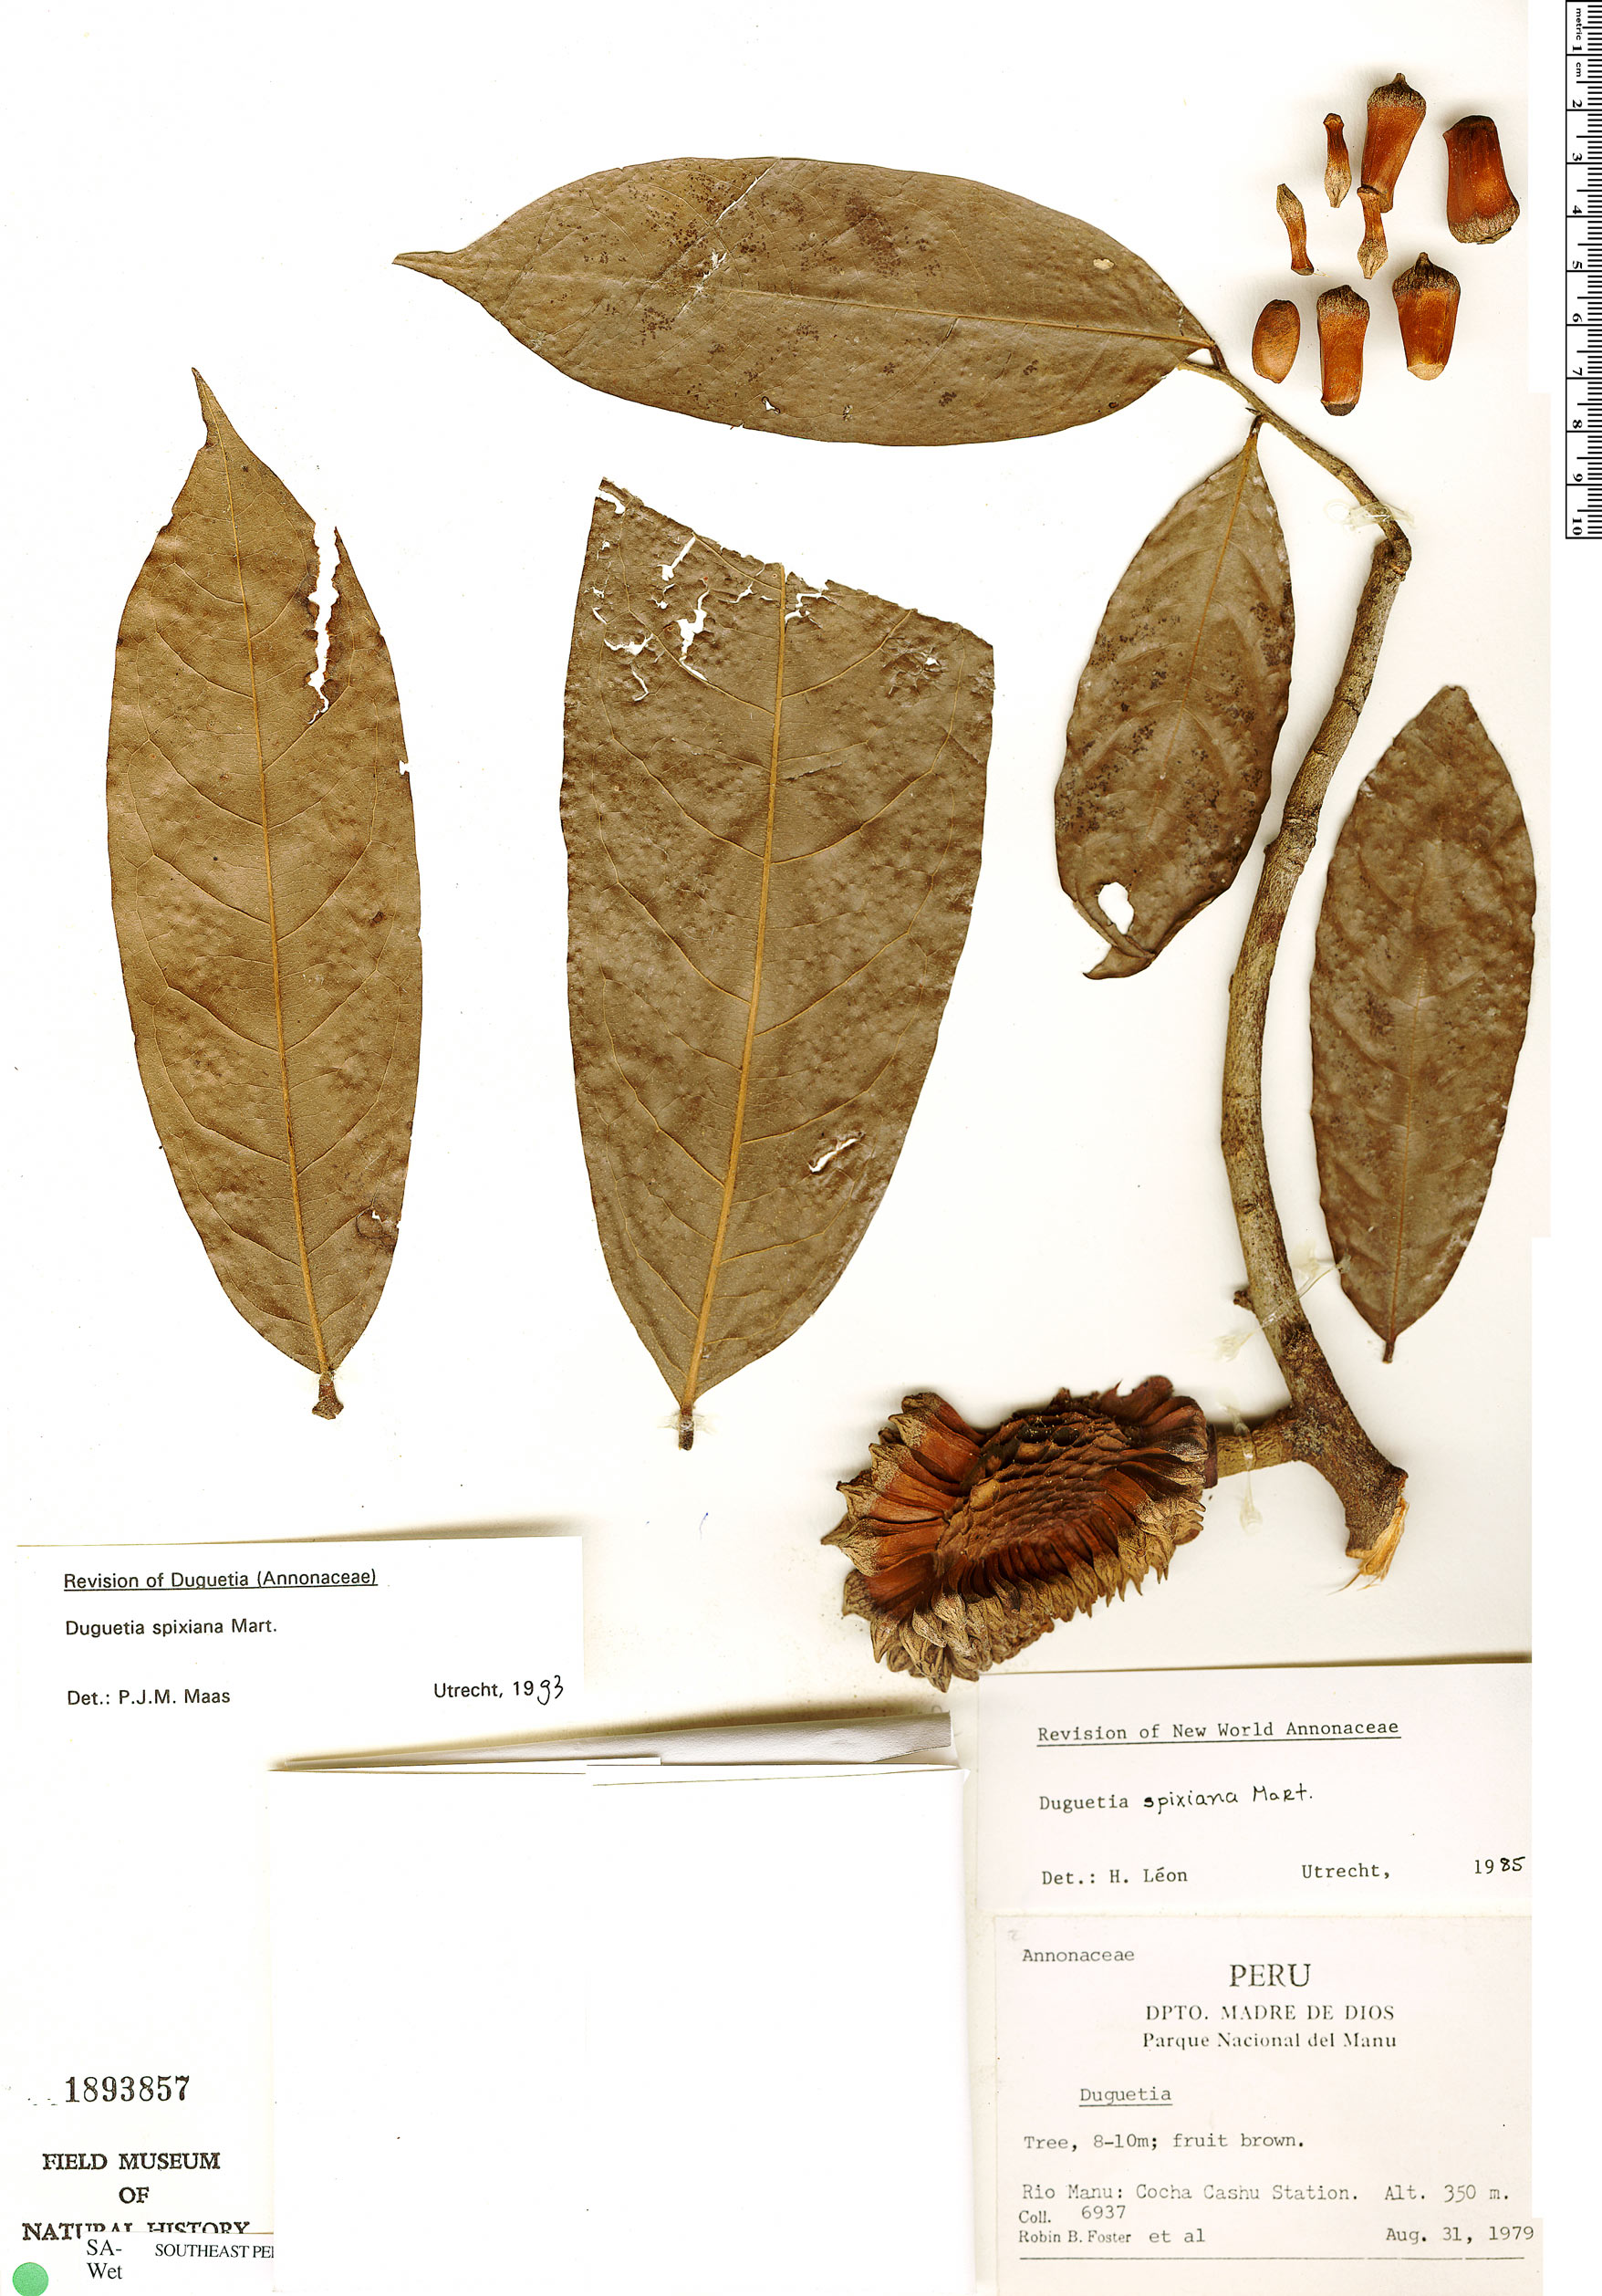 Specimen: Duguetia spixiana